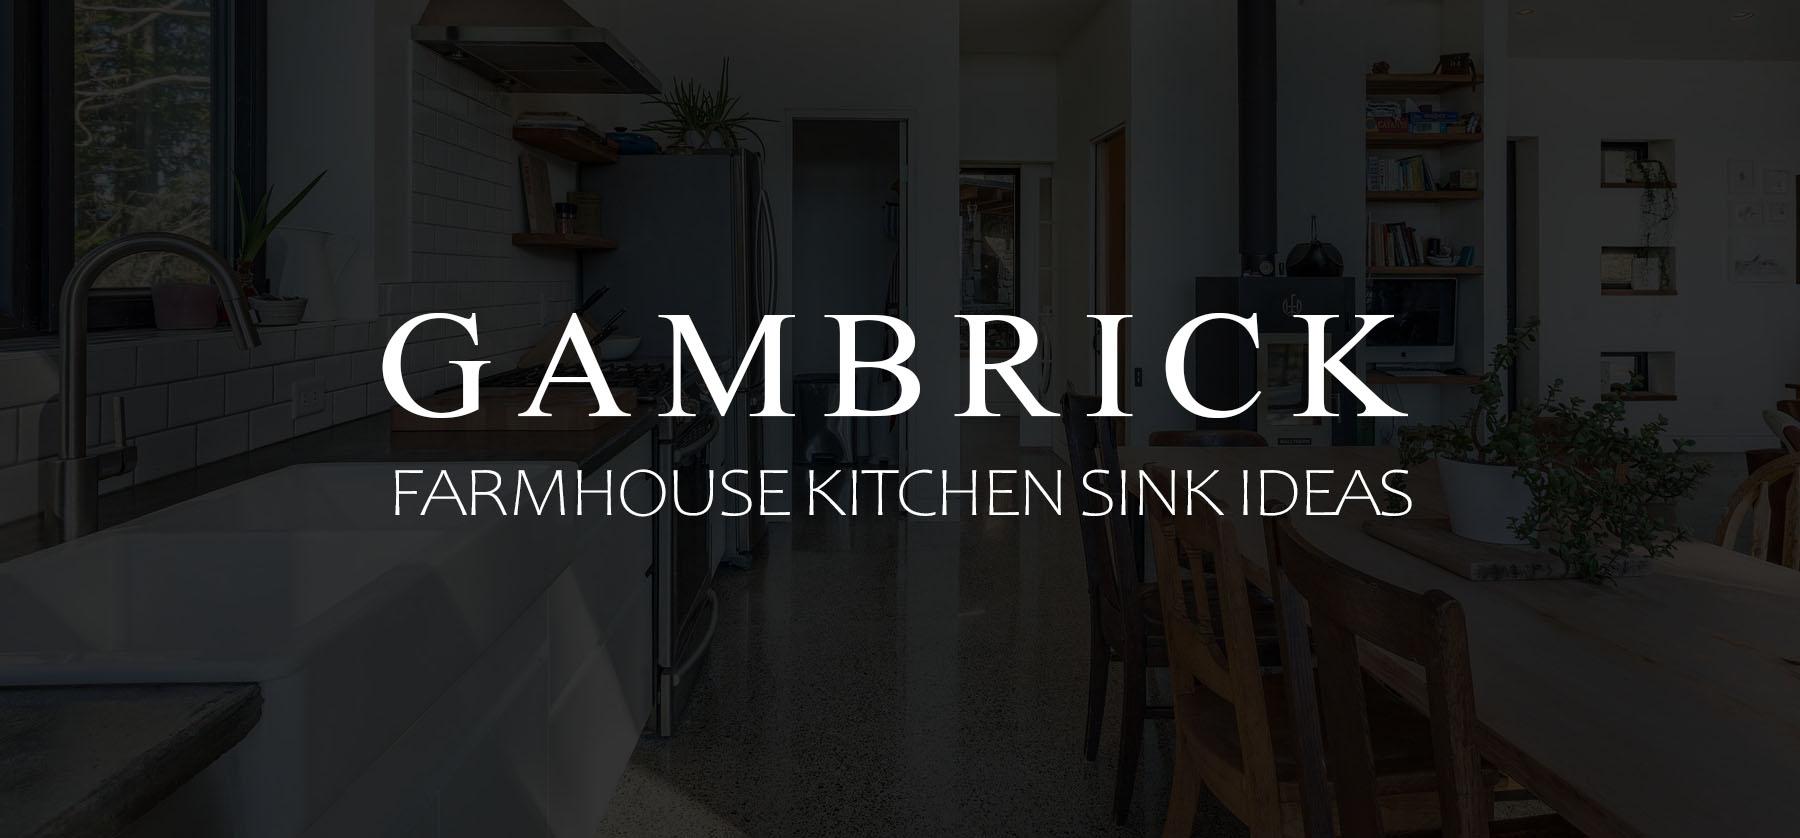 Farmhouse kitchen sink ideas & Designs banner 1